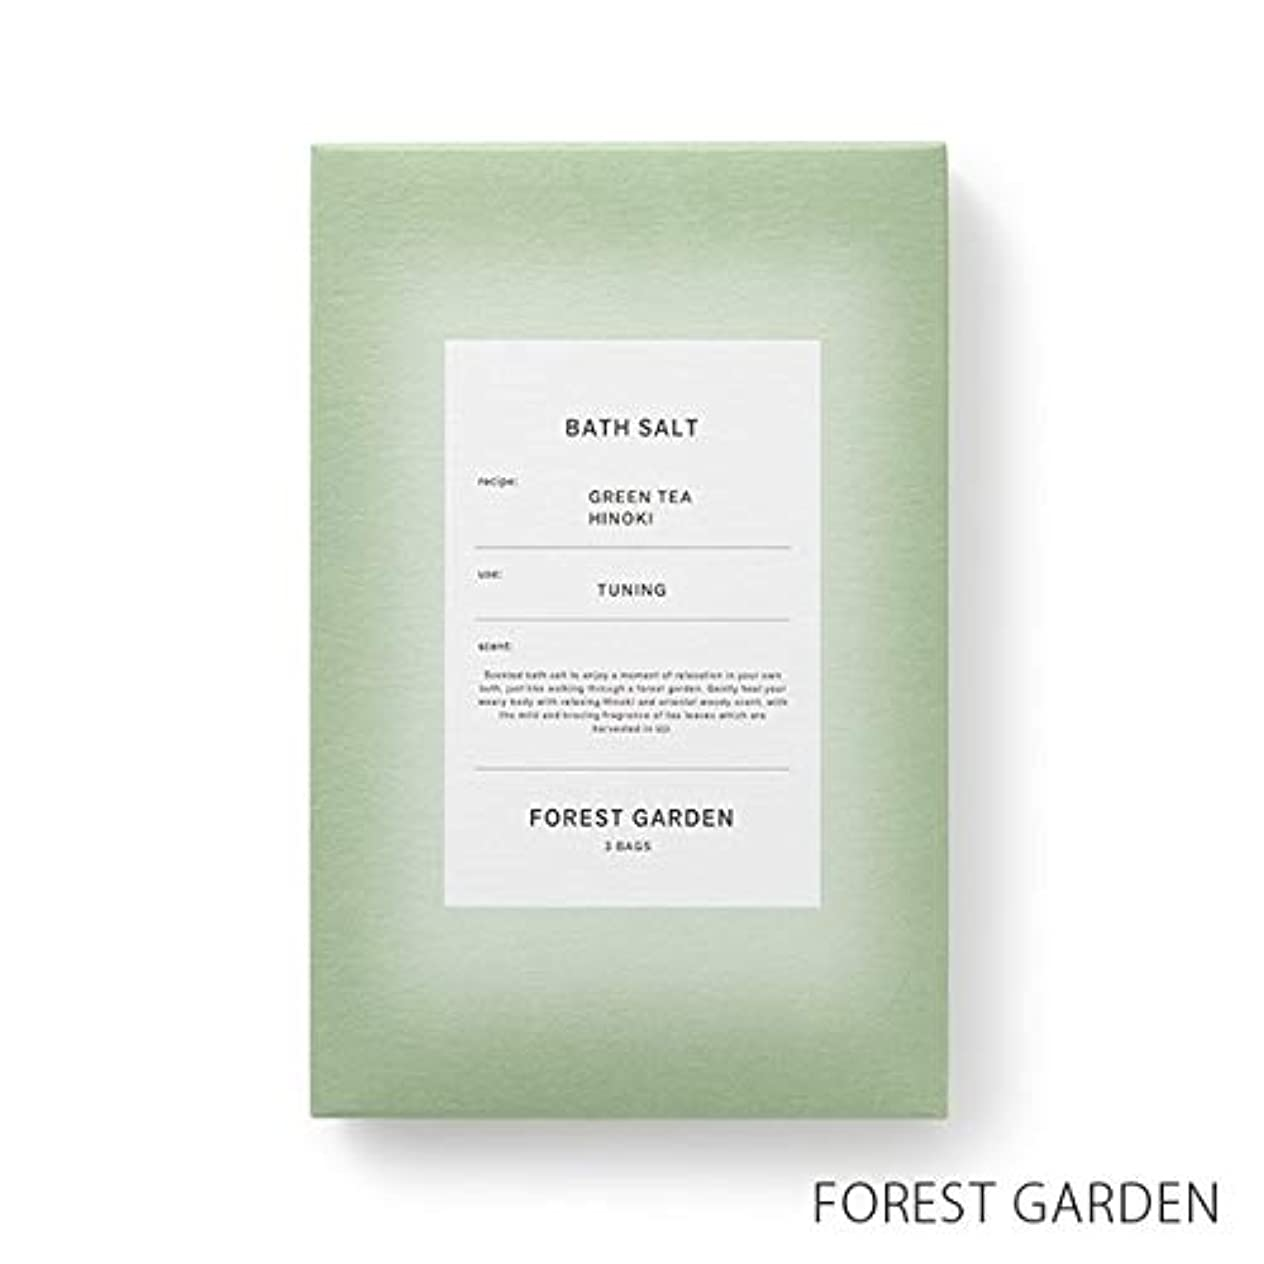 マリナーハンディ挑発する【薫玉堂】 バスソルト FOREST GARDEN 森の庭 緑 和 宇治茶の香り